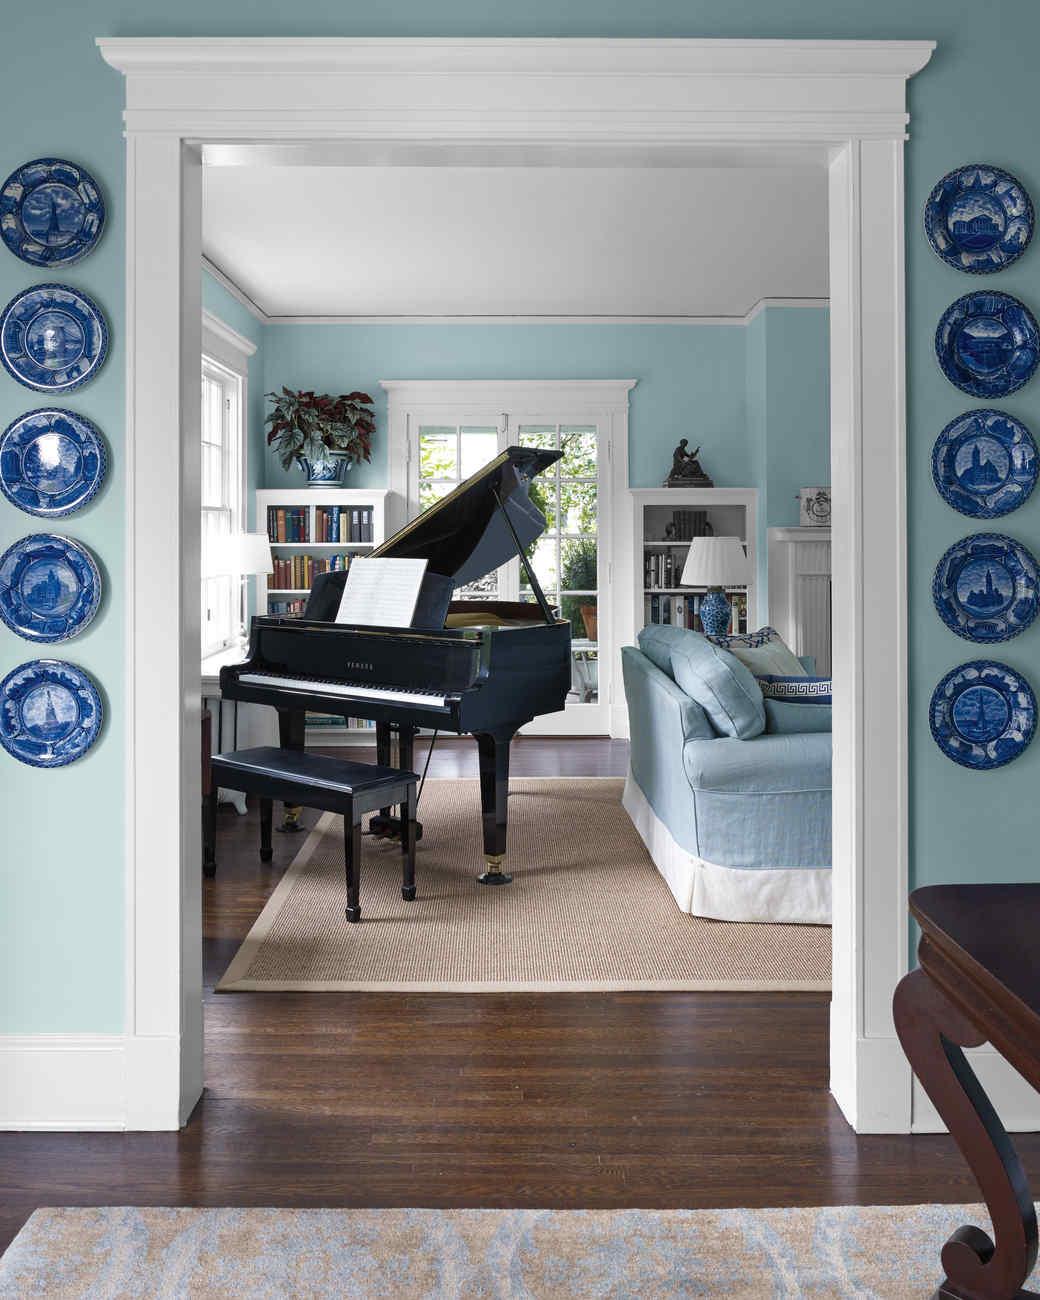 livingroom02991502-md110699.jpg